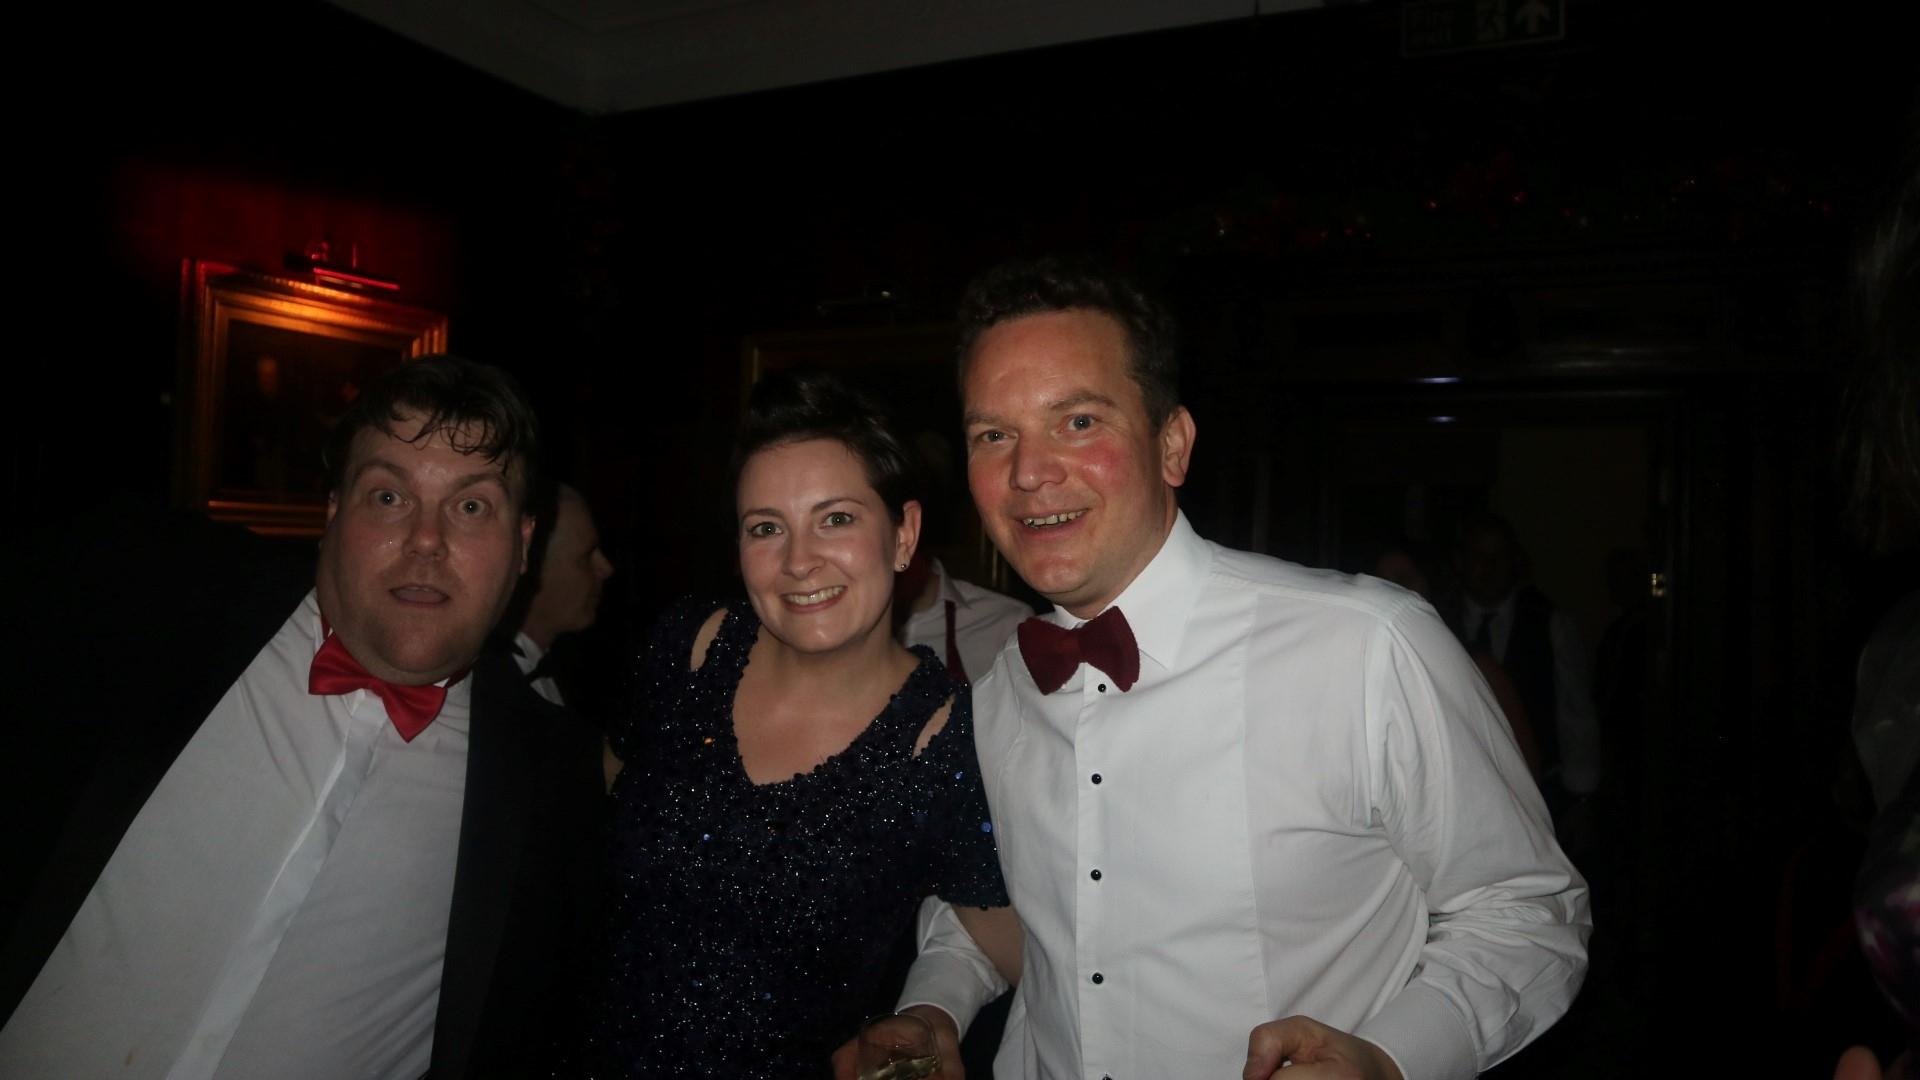 Chris, Lizzi and Nathan